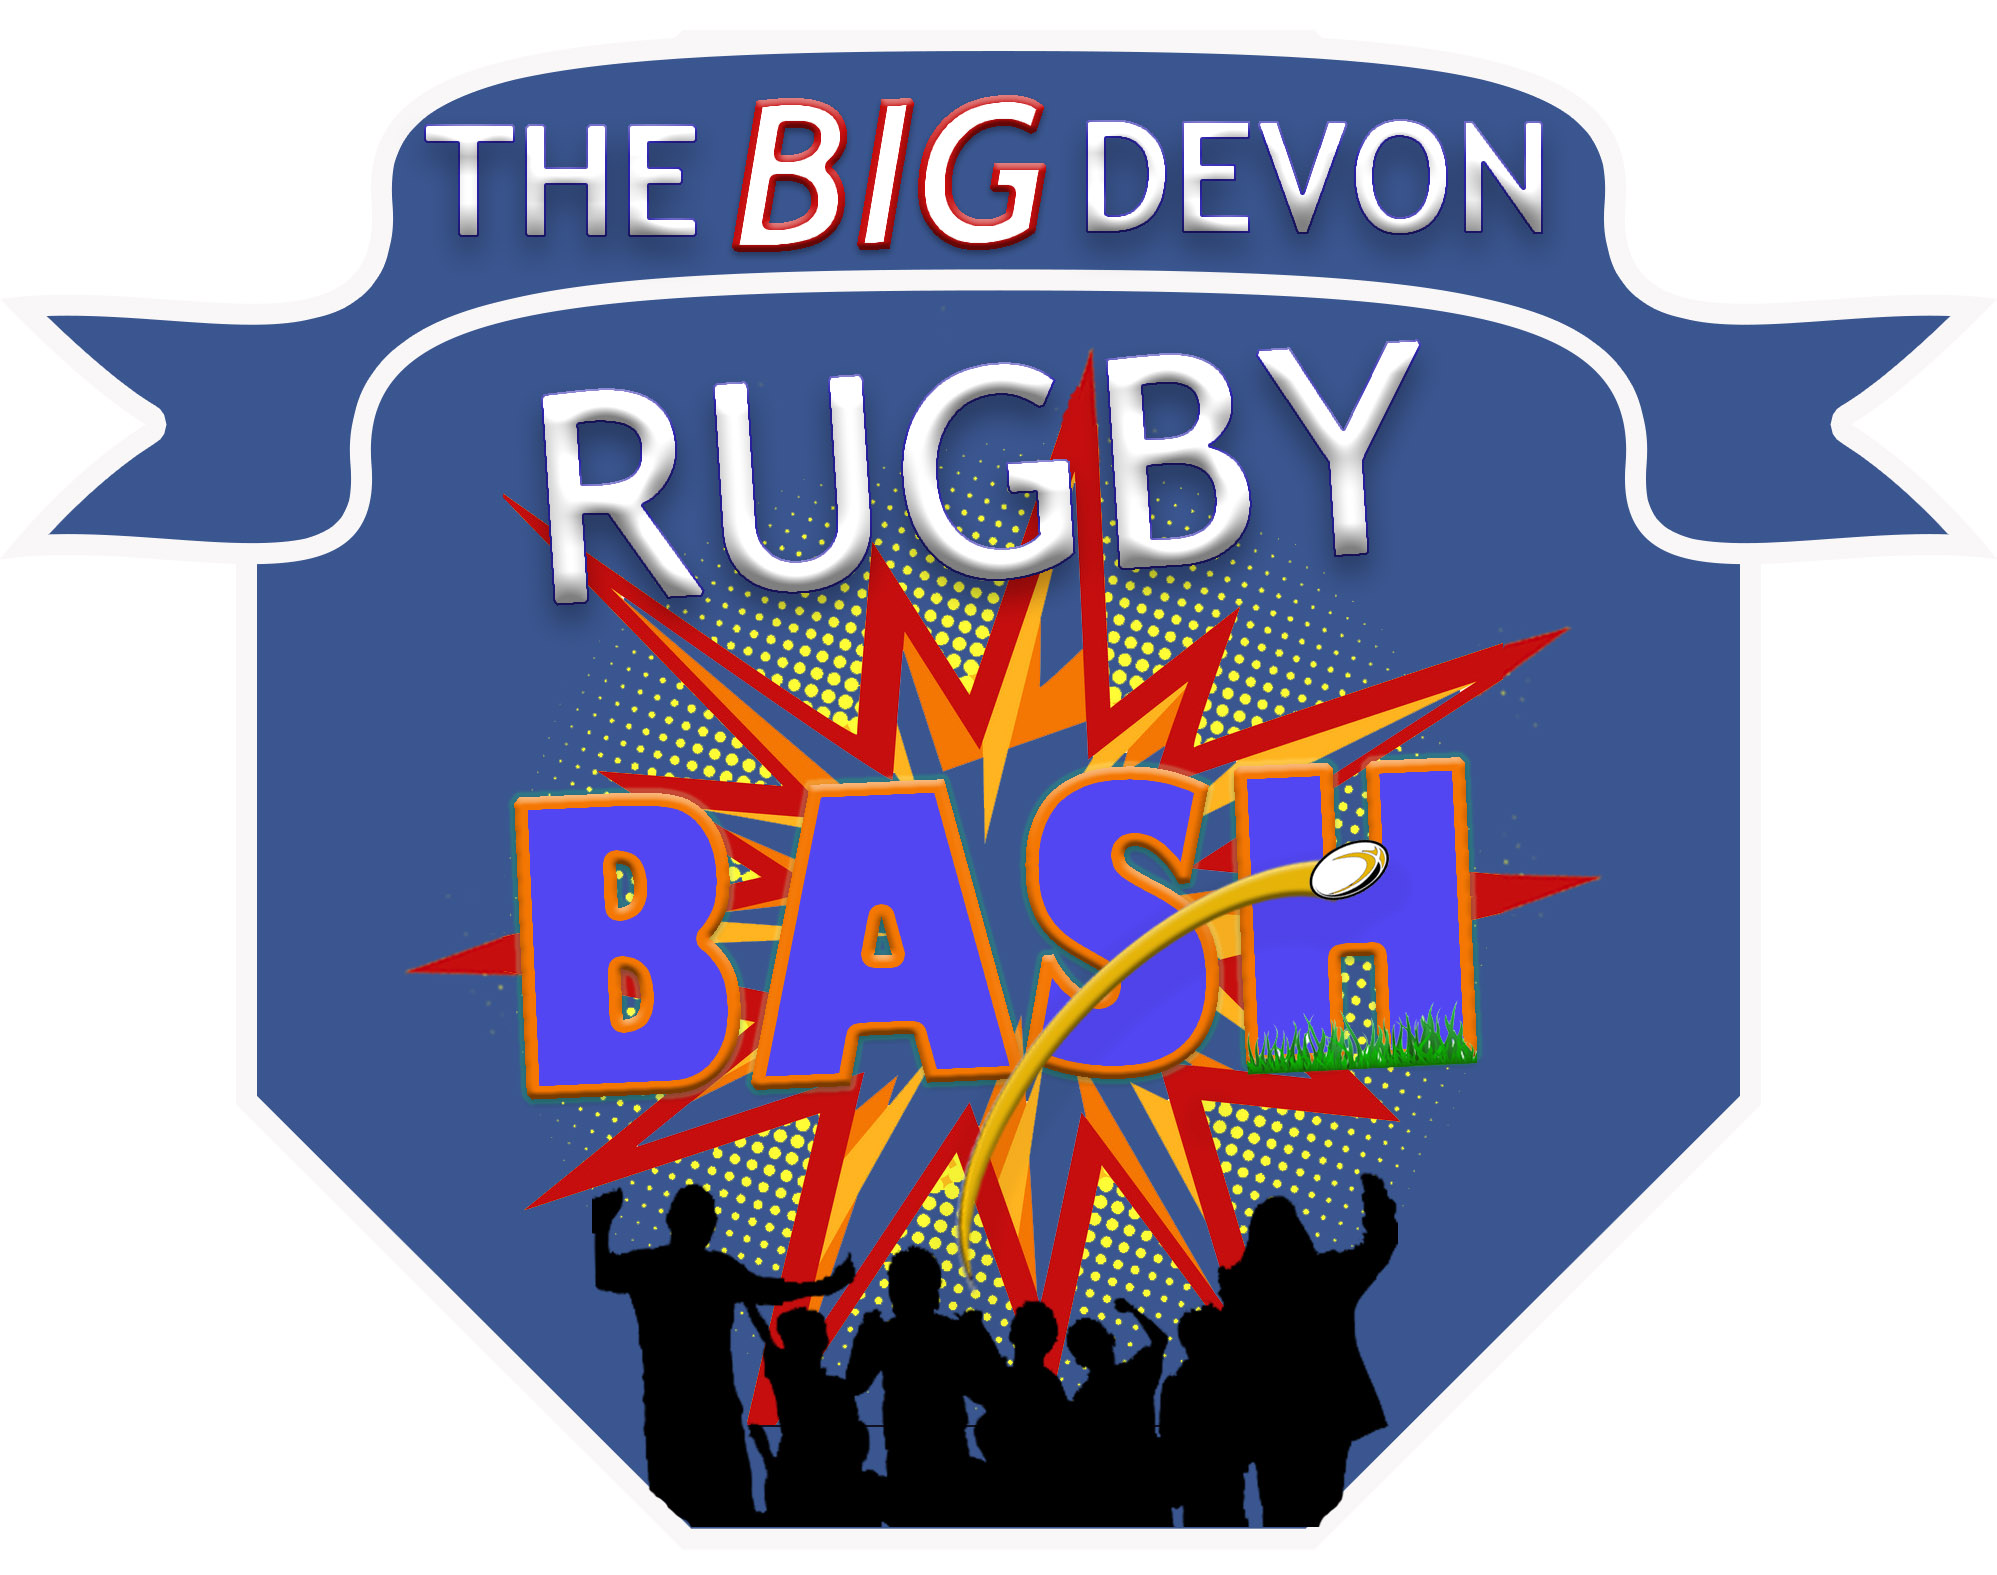 Big Devon Bash